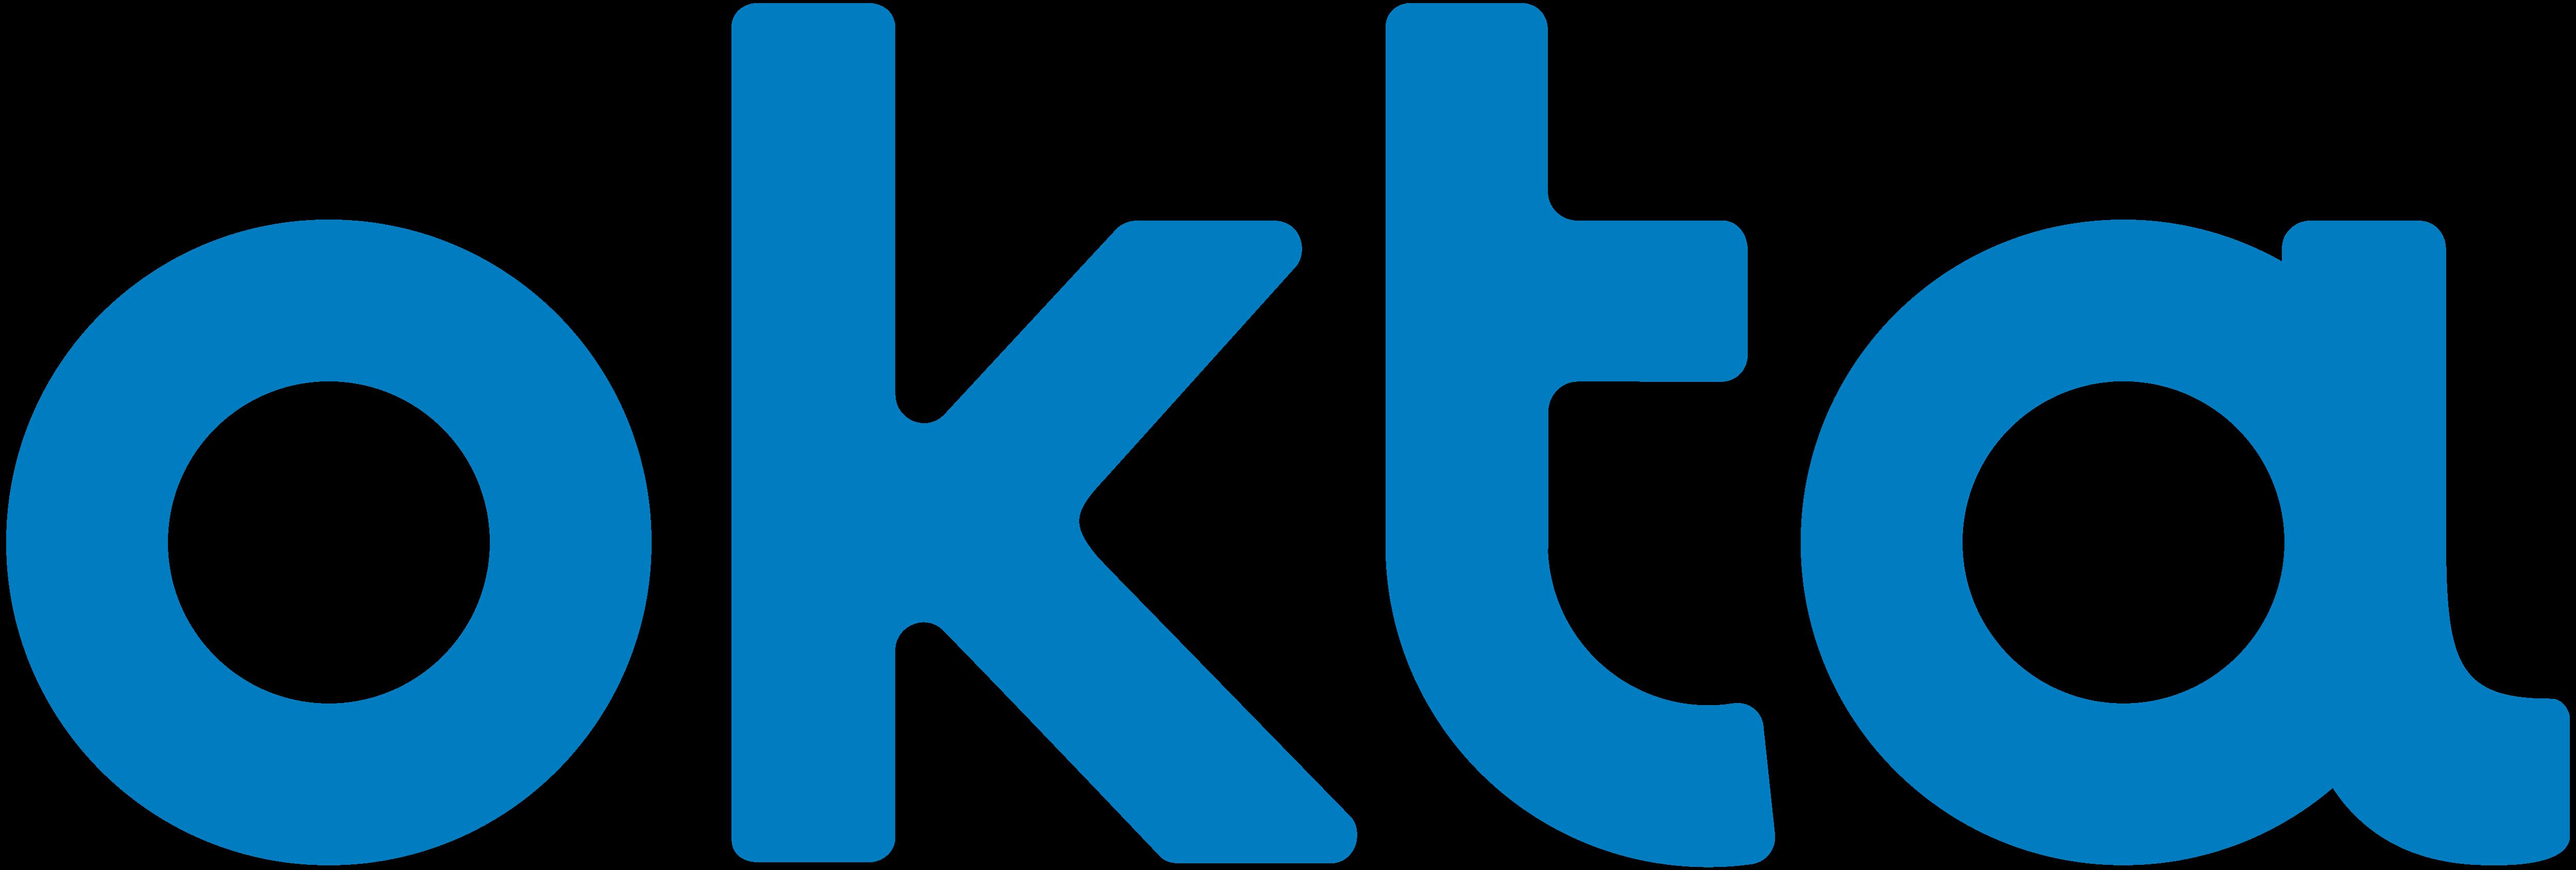 Okta website homepage